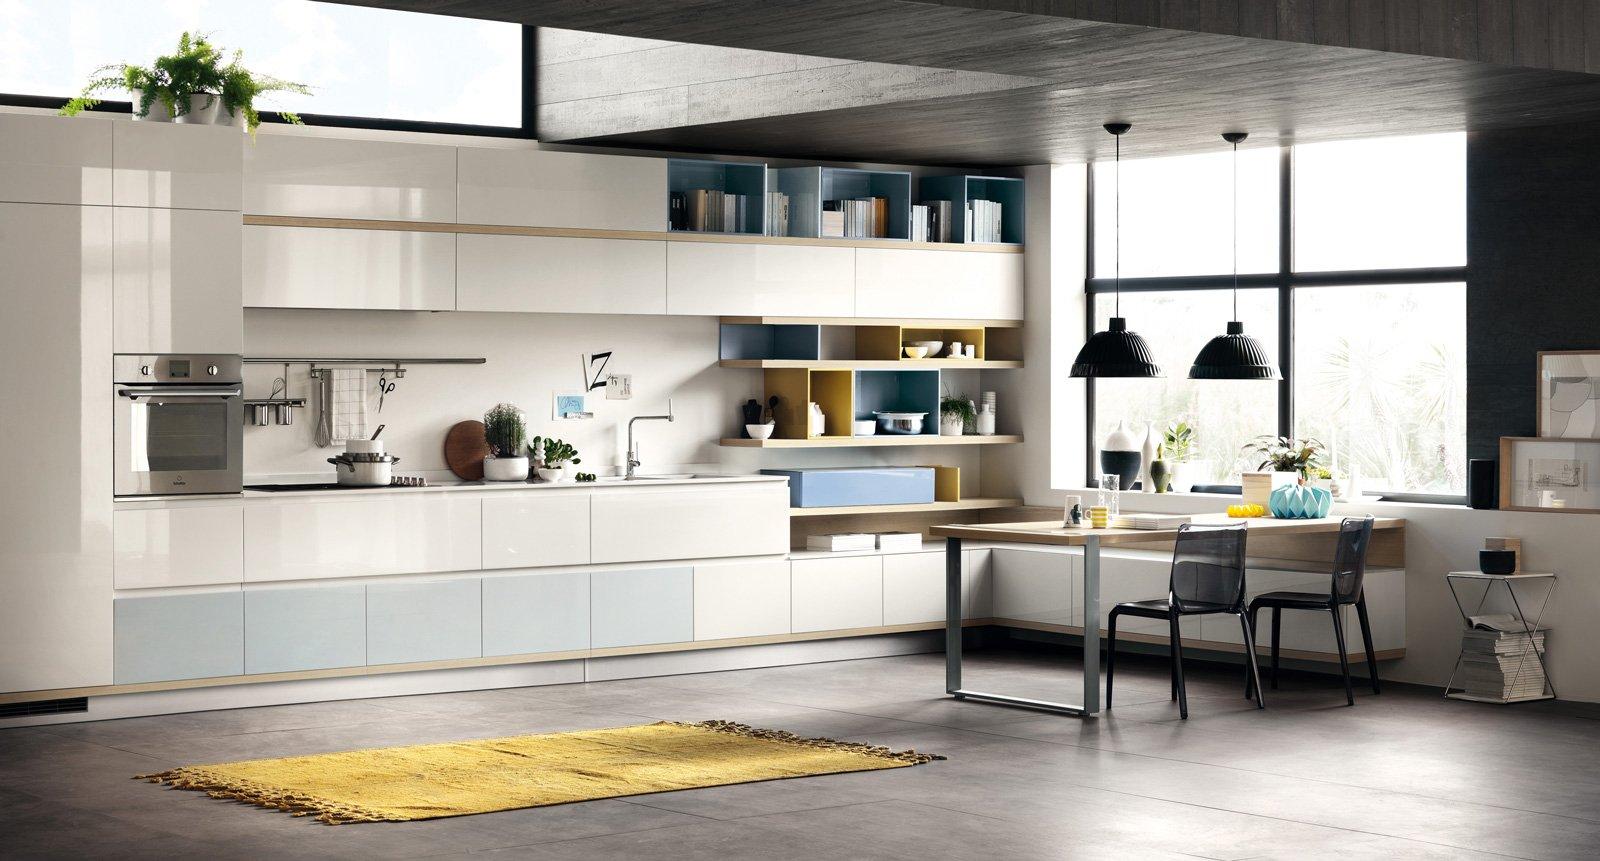 cucine in colori ed essenze soft - cose di casa - Cucine Bianche E Grigie Scavolini